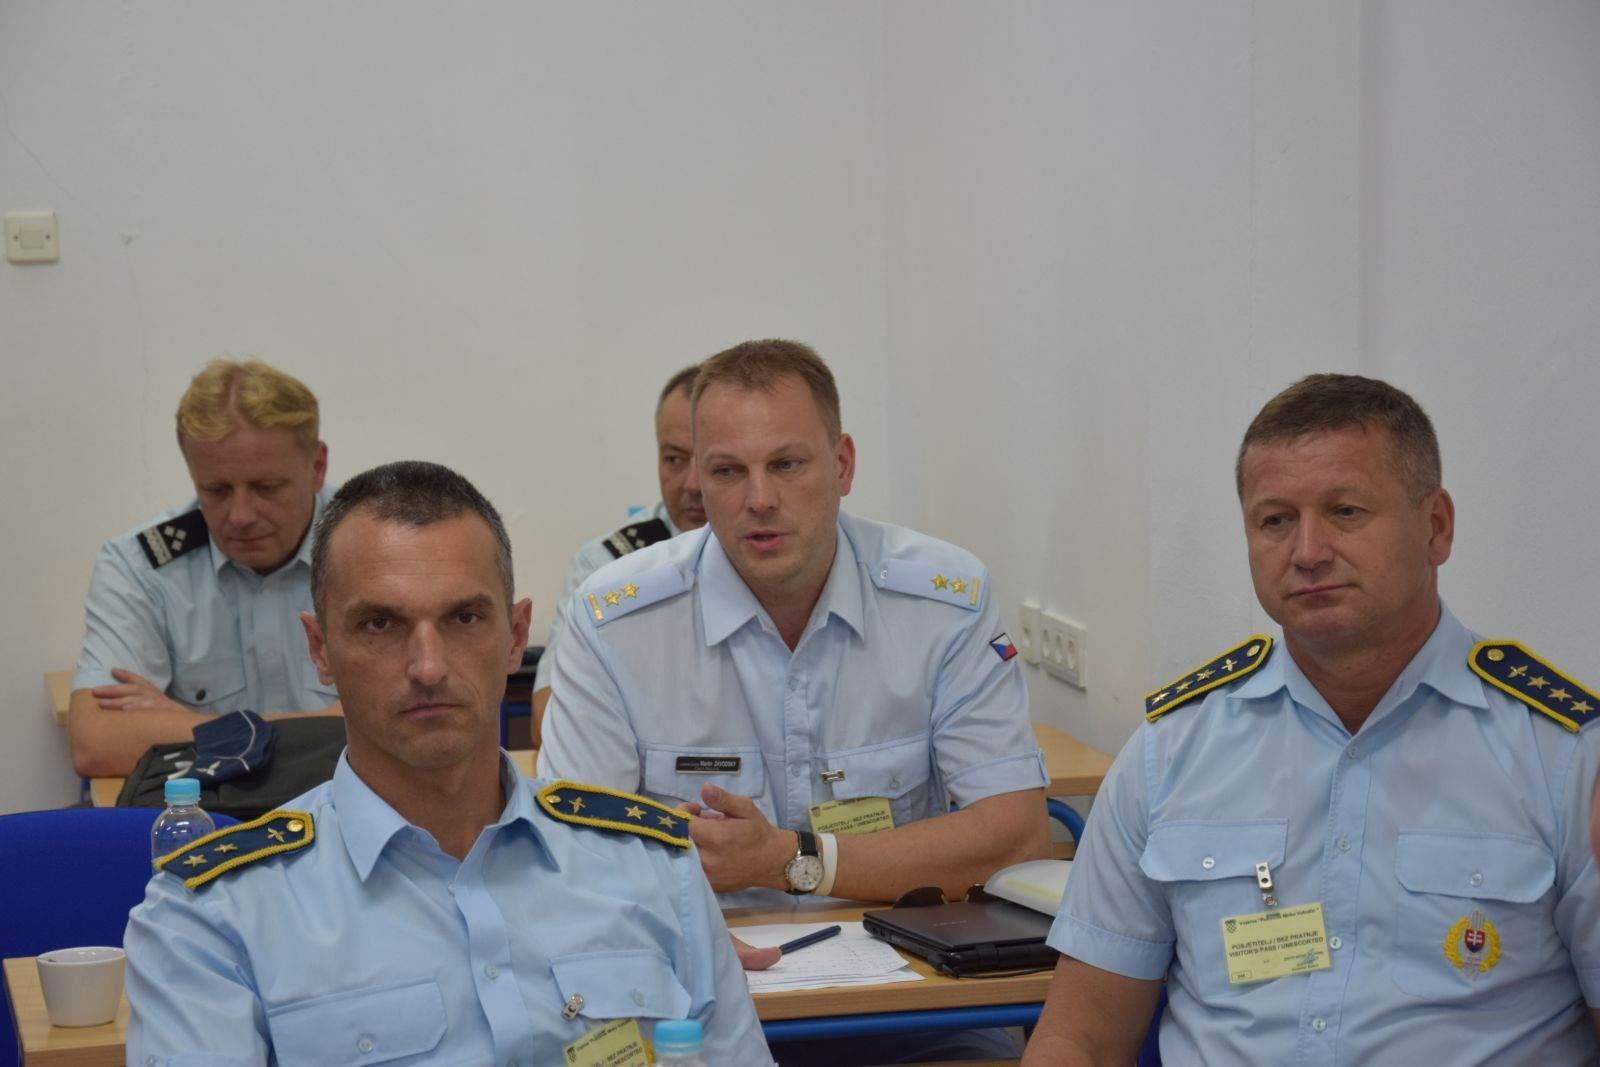 Međunarodni sastanak stručnjaka za vojni zračni promet u Zemuniku